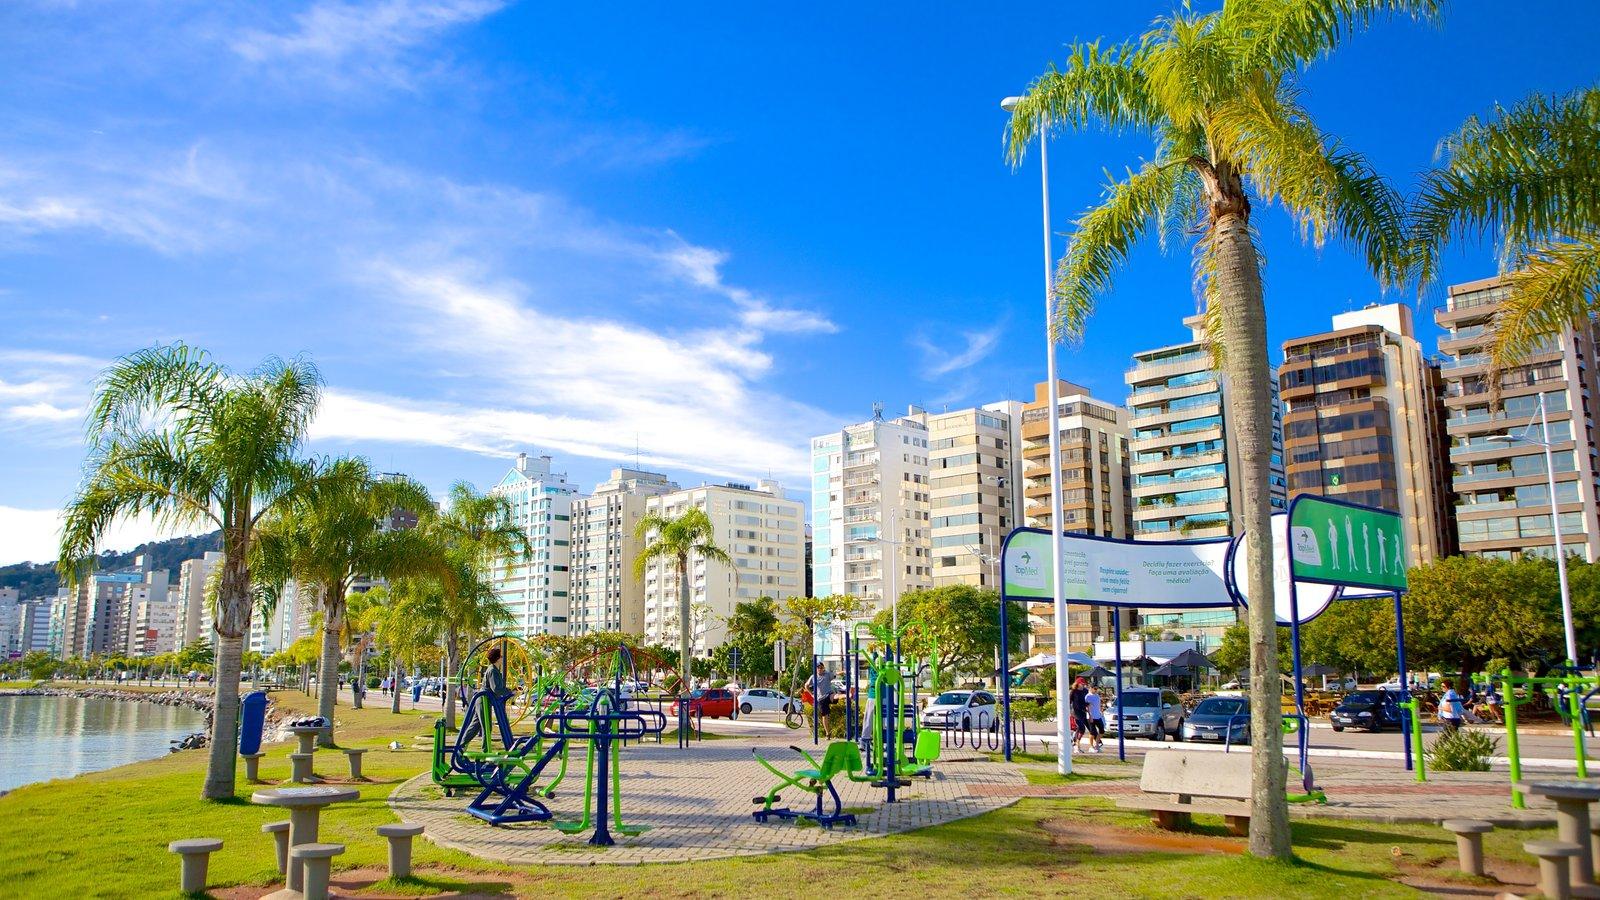 Florianópolis mostrando um parque e cenas tropicais